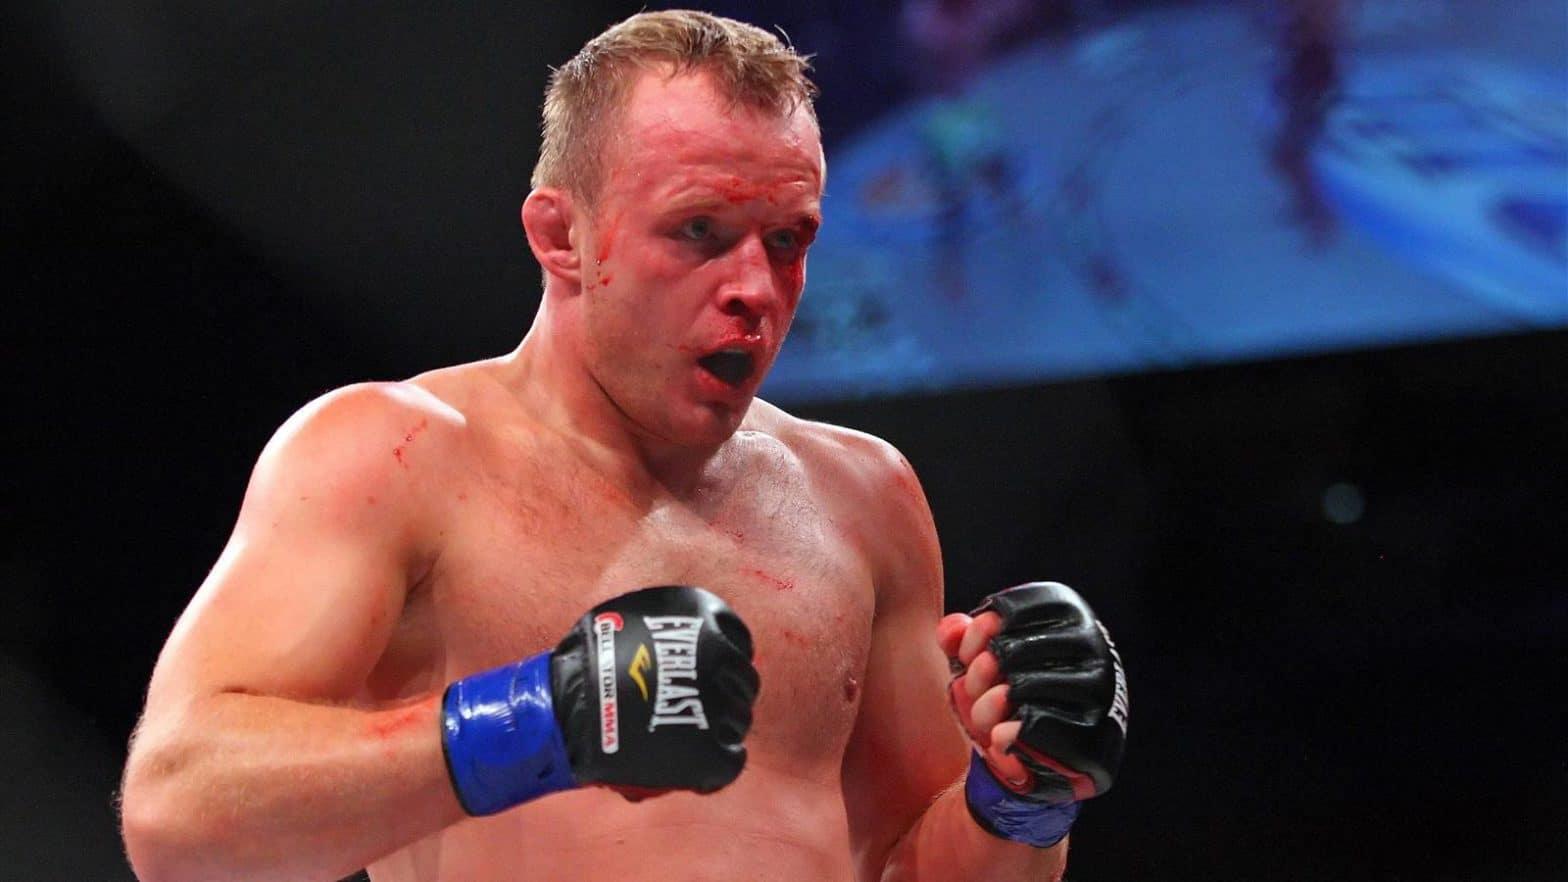 Александру Шлеменко не гарантирован титульный бой в случае победы над Манхуфом